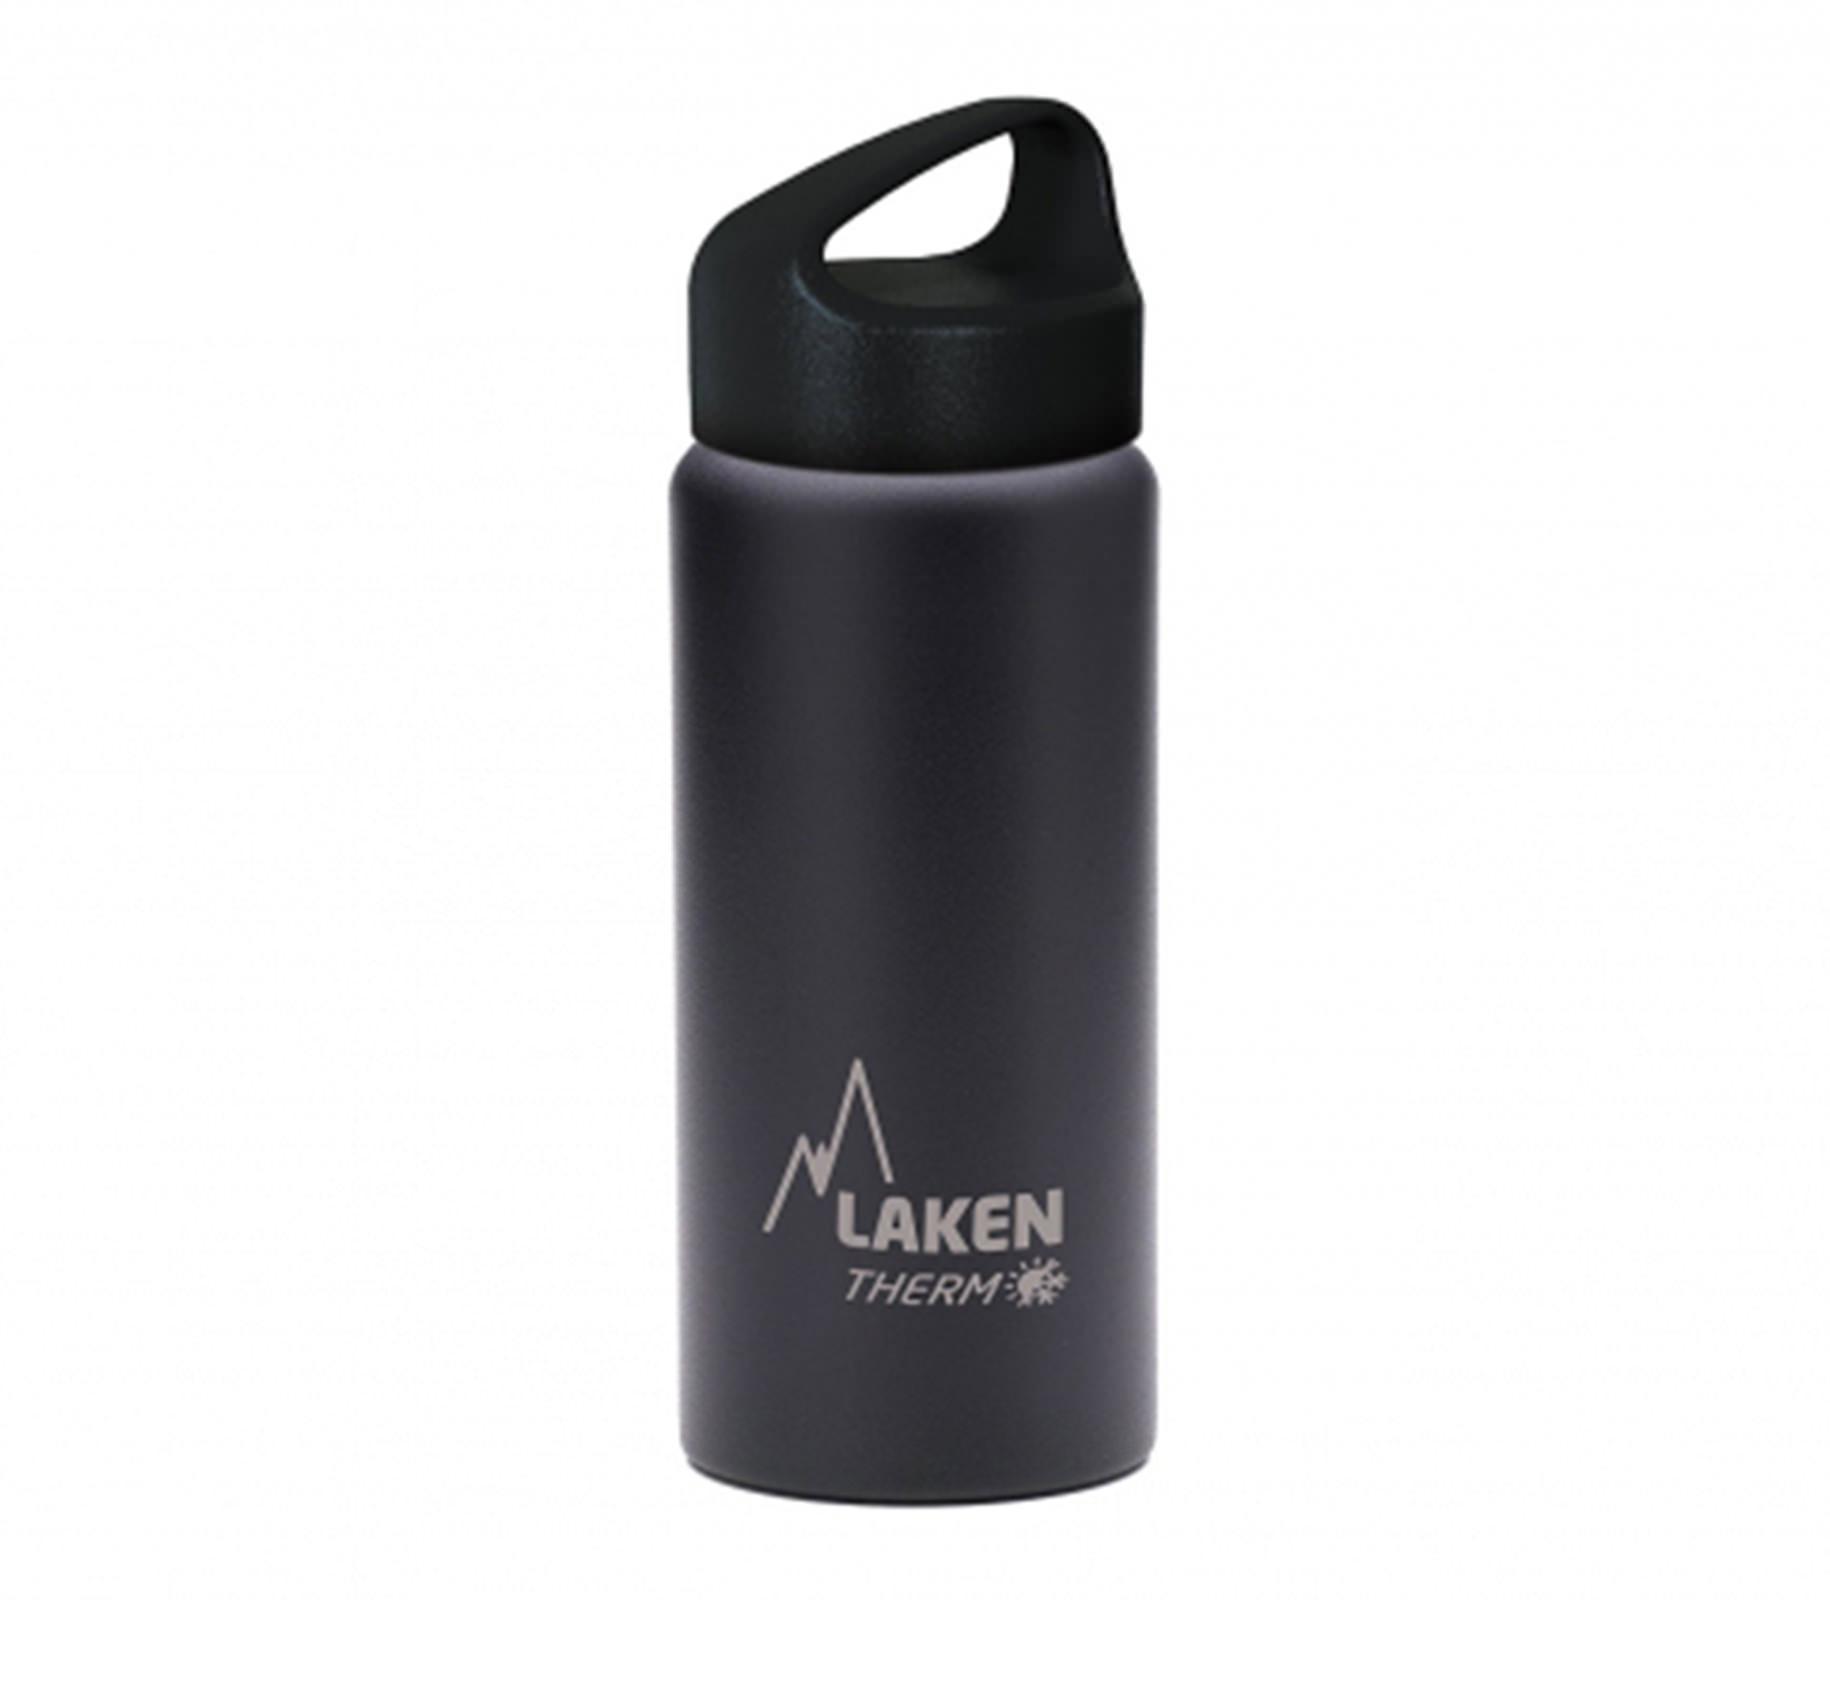 Bình giữ nhiệt LAKEN Classic Thermo 500ml - Đen